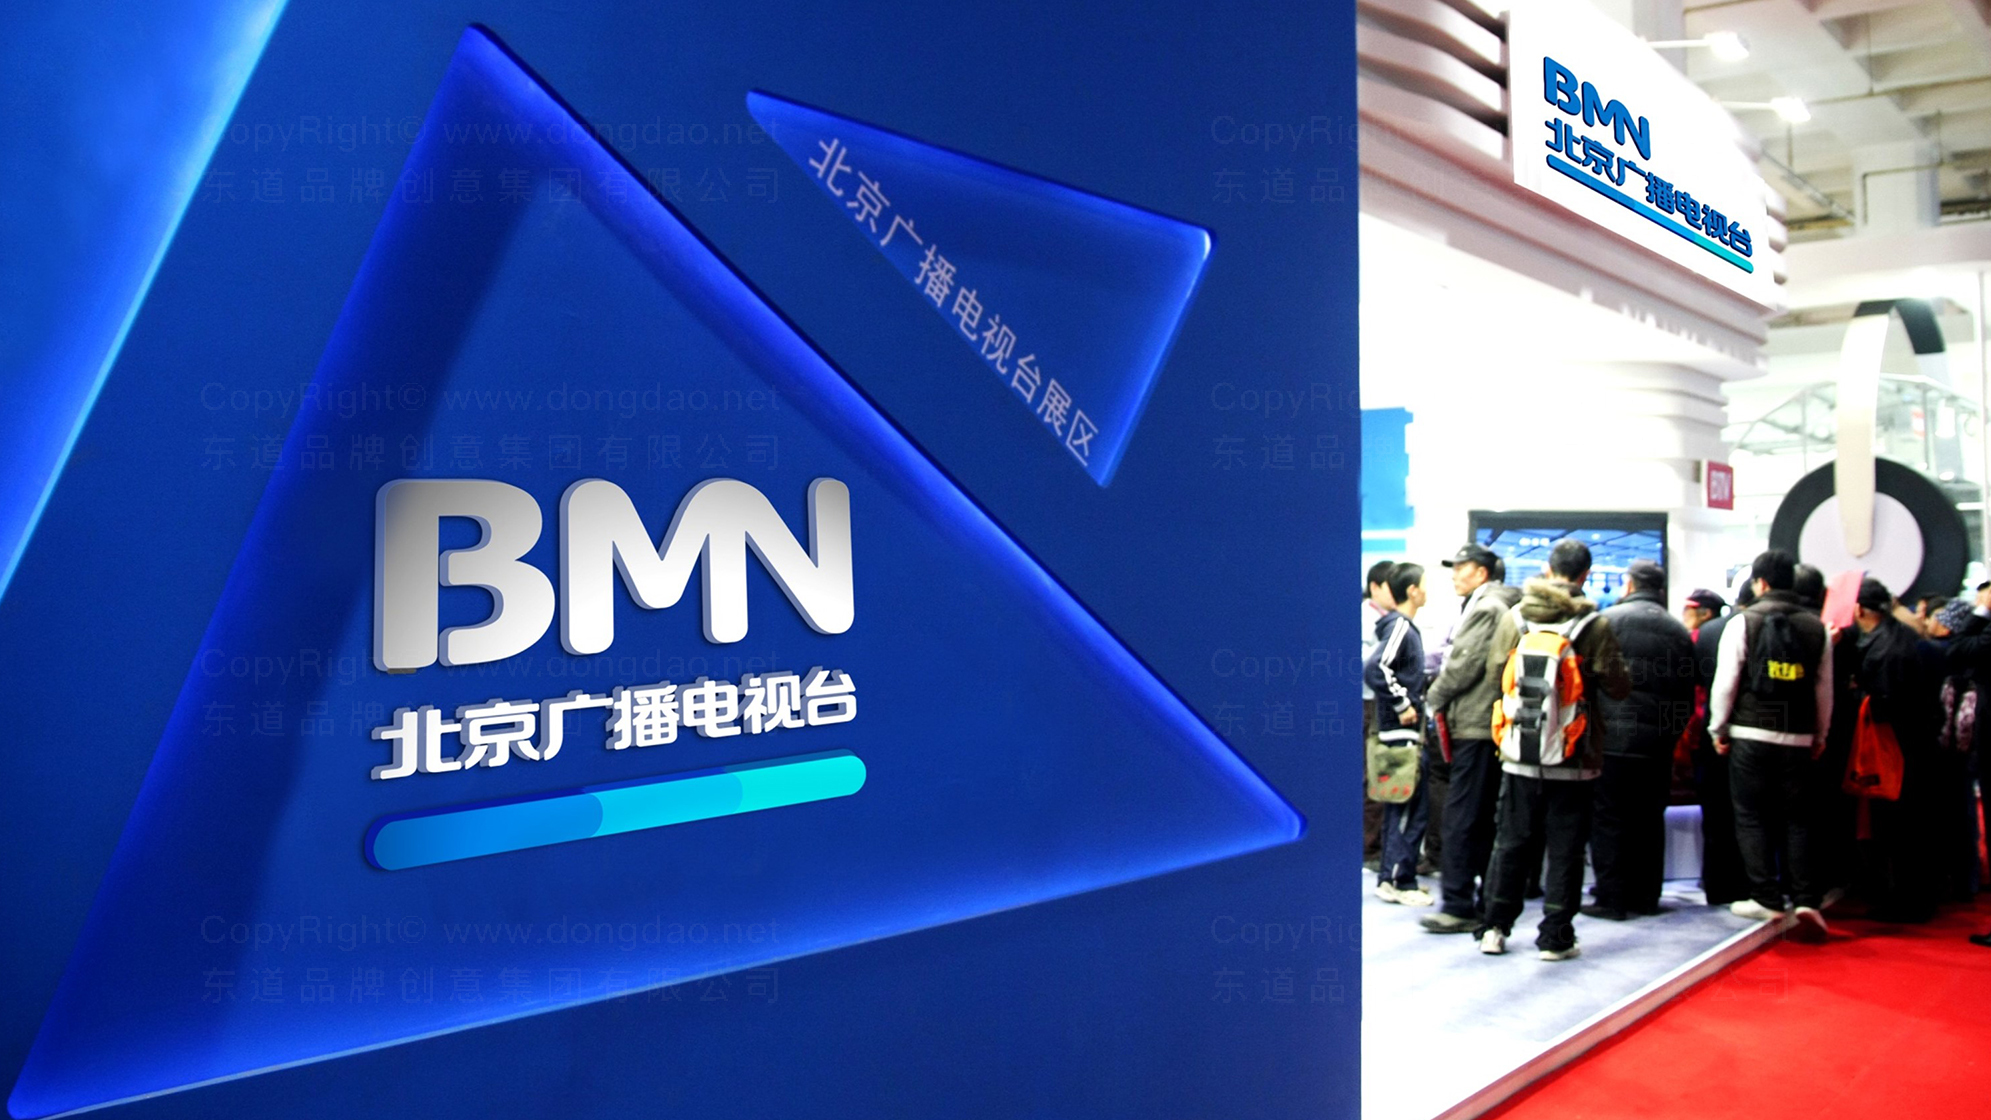 品牌设计北京广播电视台LOGO设计应用场景